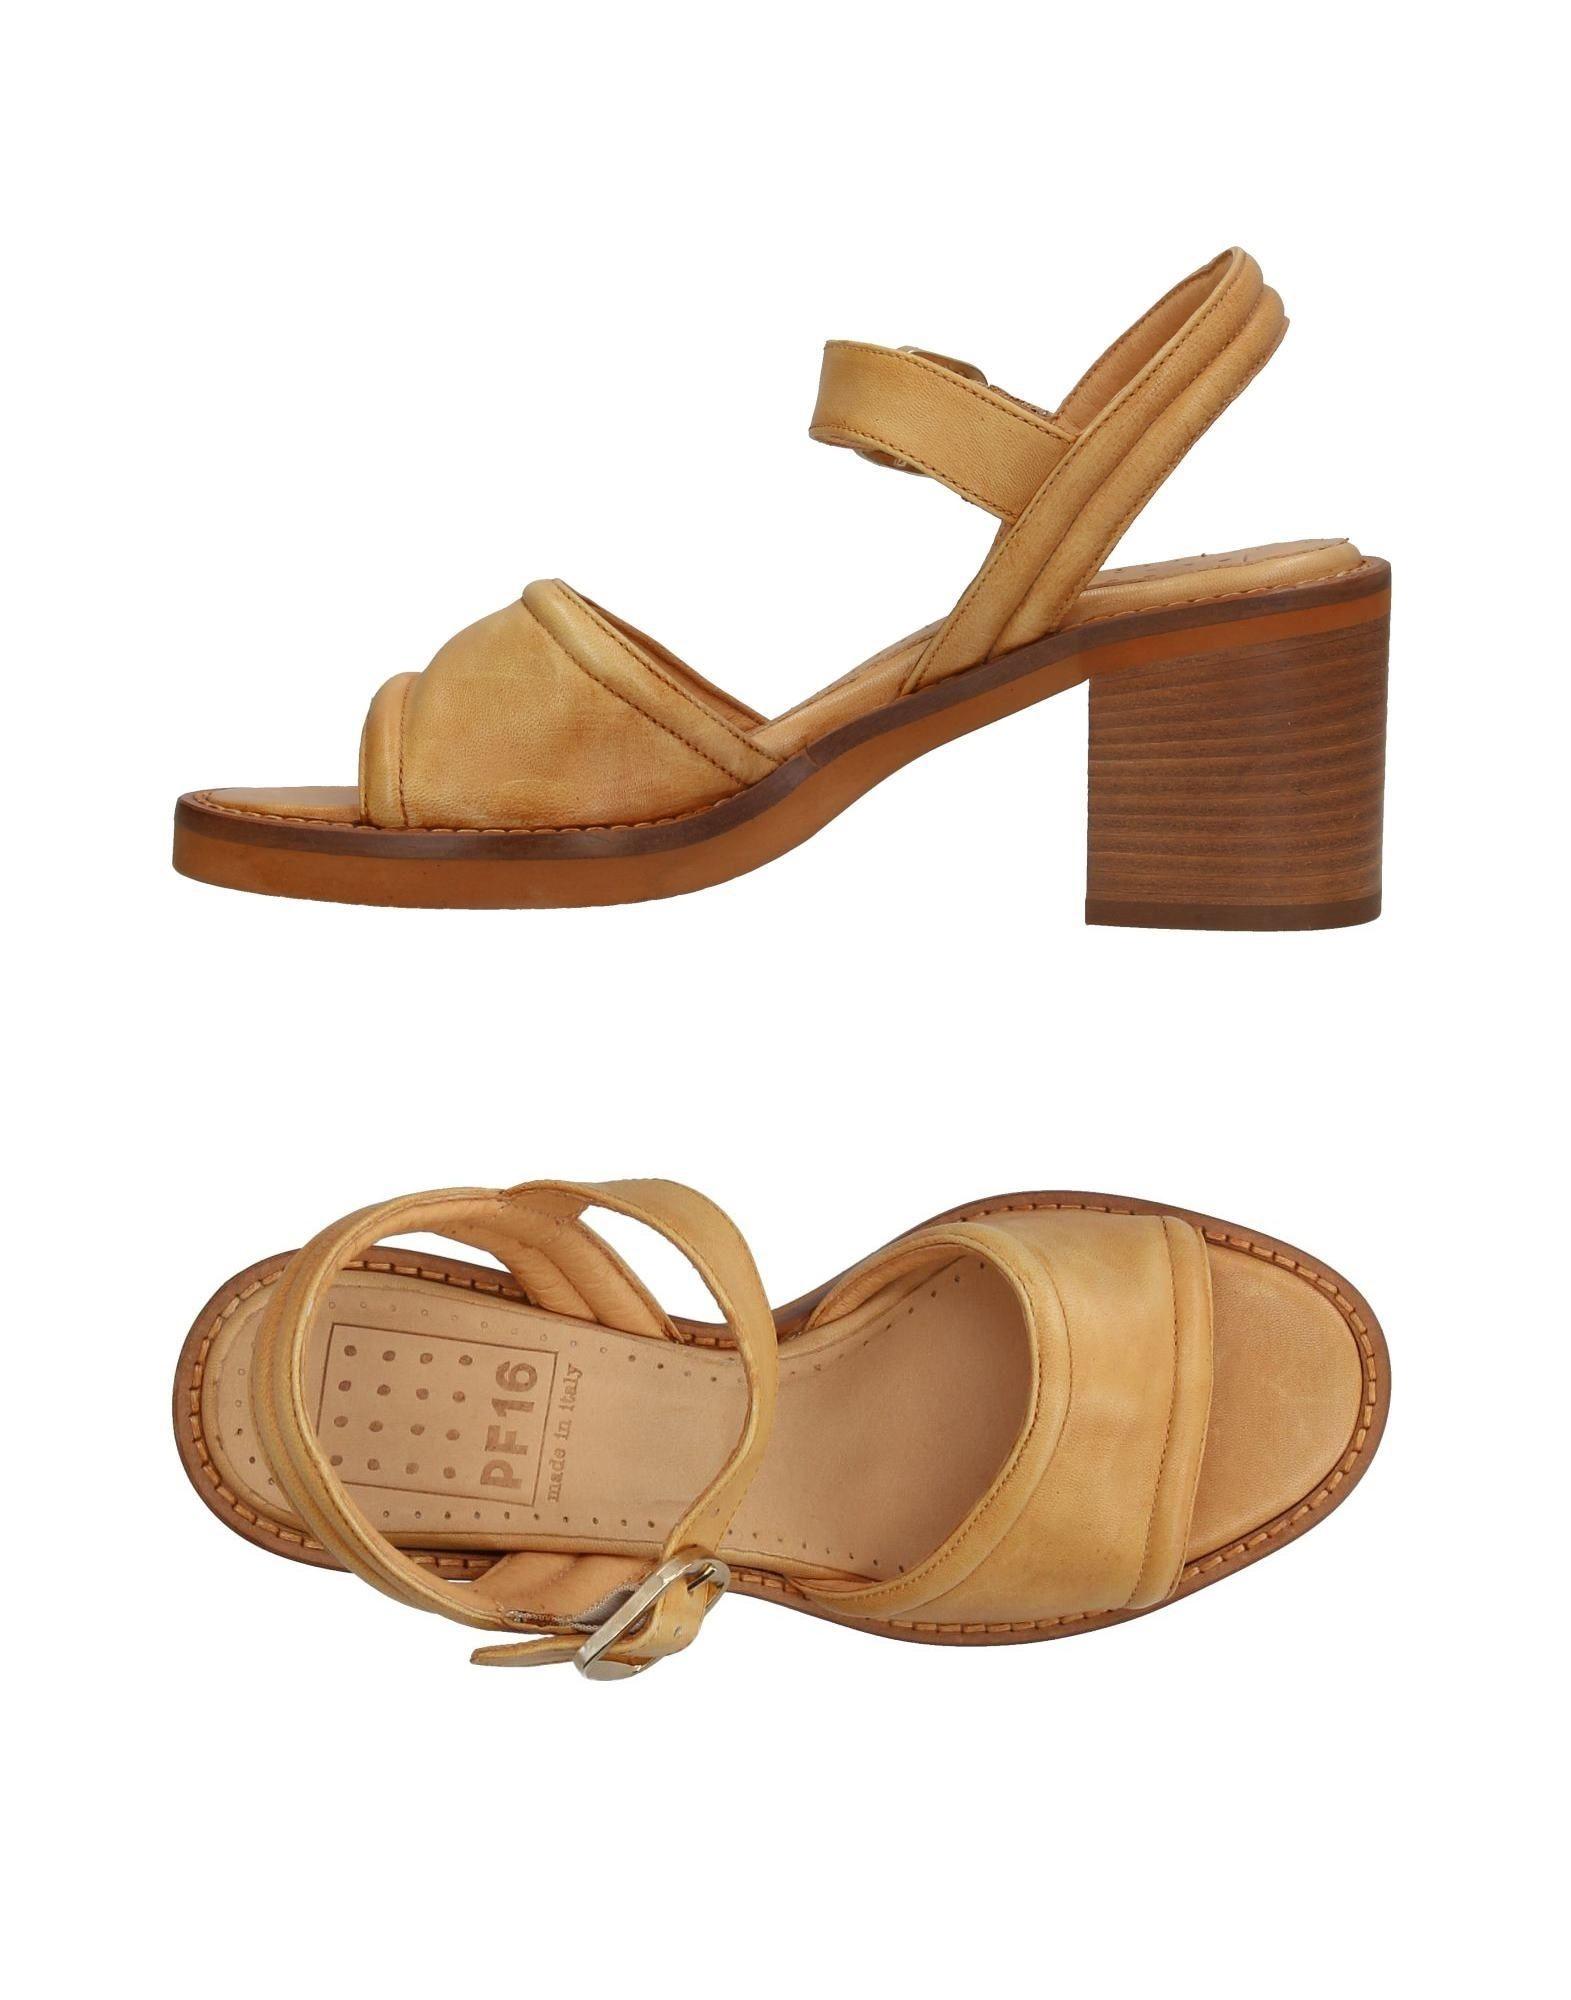 Sandales Pf16 Femme - Sandales Pf16 sur